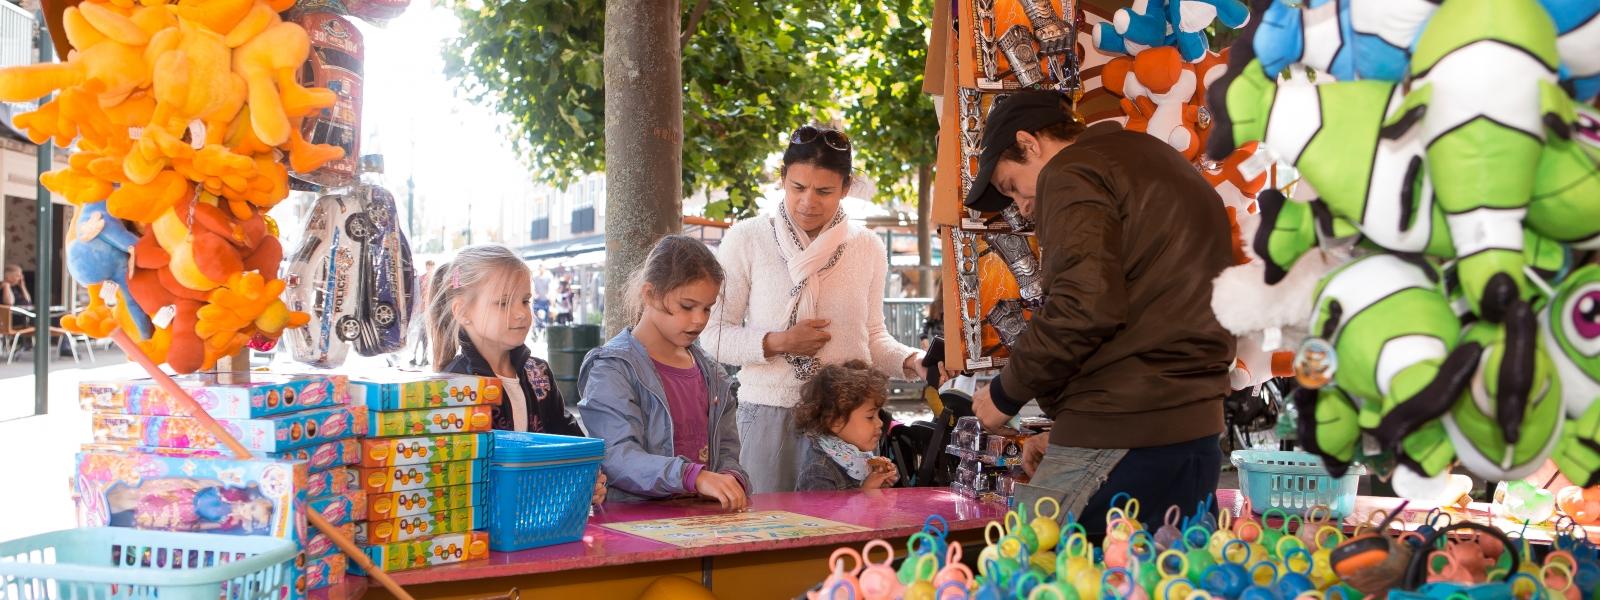 Feestje voor kinderen op Julianaplein